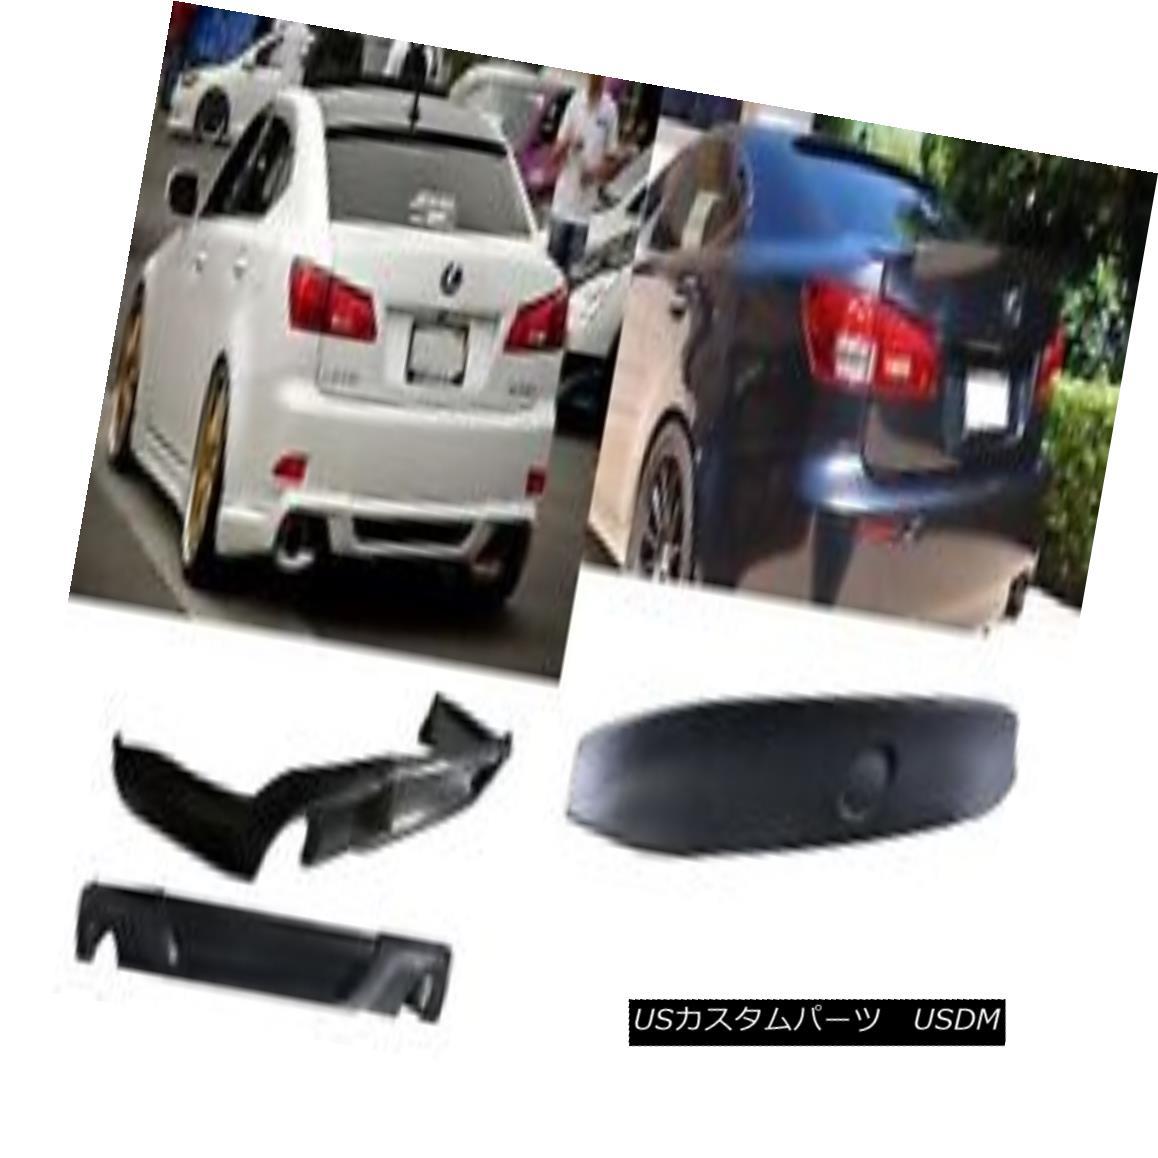 エアロパーツ 06-12 Lexus IS250 350 Black PU Rear Trunk Spoiler Bumper Lip DIFFUSER Body kit 06-12レクサスIS250 350ブラックPUリアトランクスポイラーバンパーリップDIFFUSERボディキット